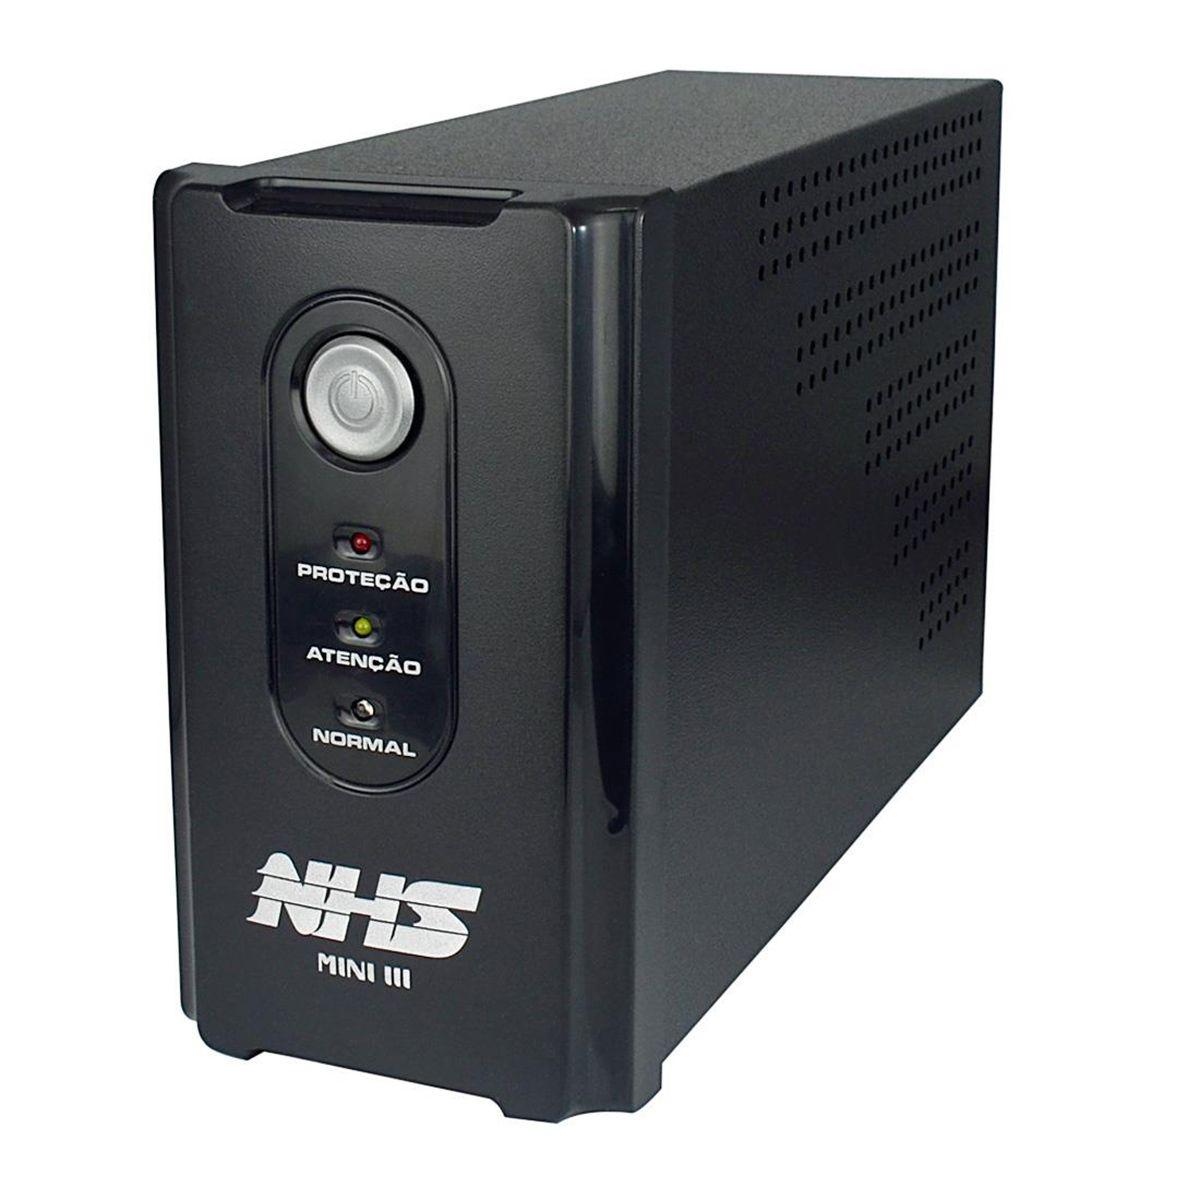 Nobreak Interactive Mini III 600 (600VA - 01 Bateria Selada 7Ah - Entrada Bivolt e Saída 120V) - NHS